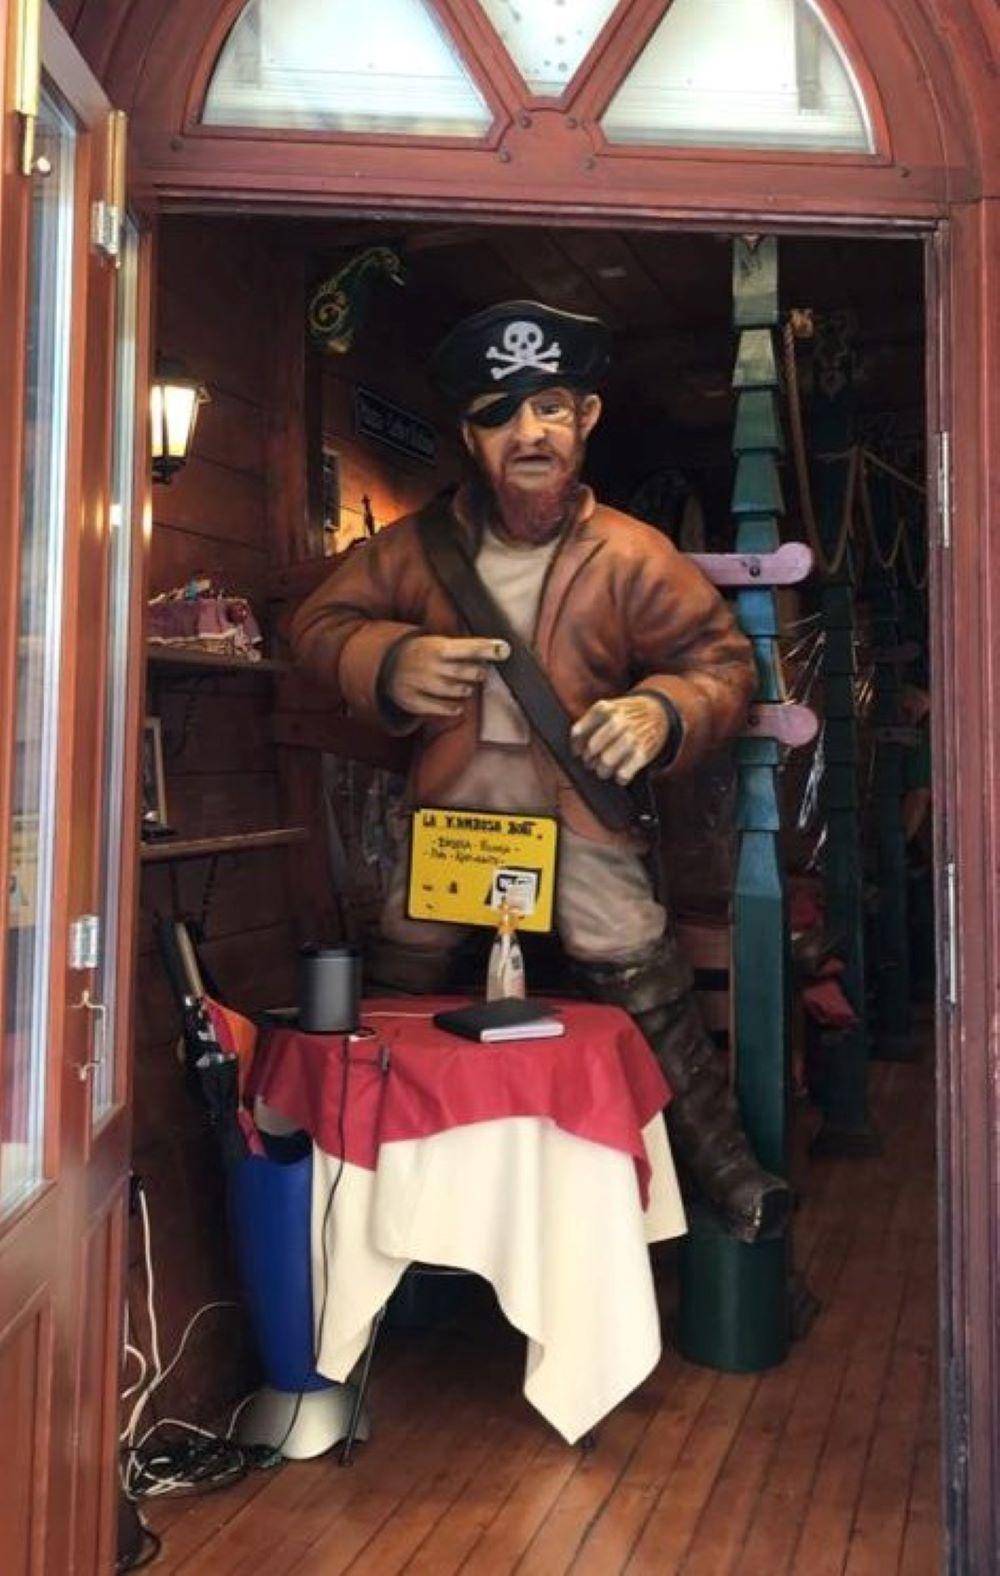 Piratenfigur vor einem Restaurant